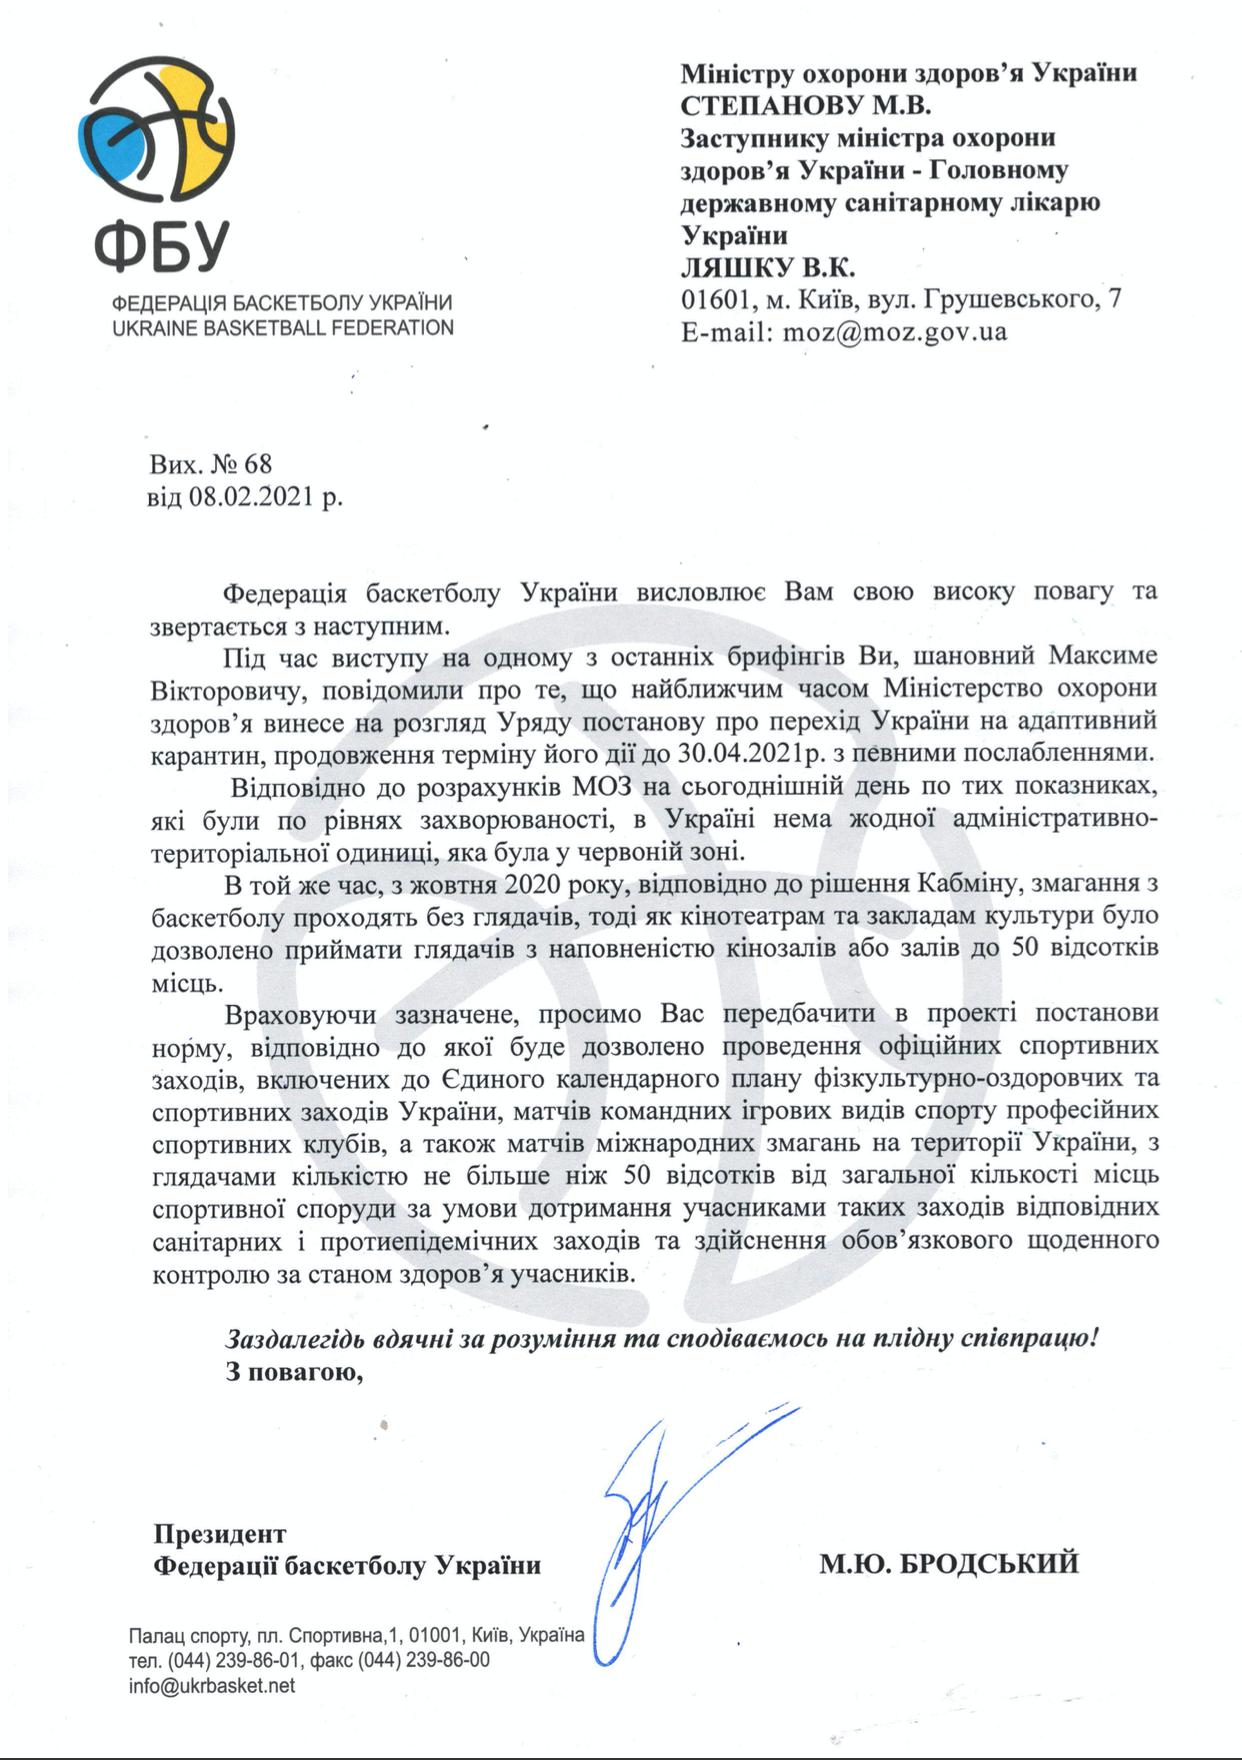 Президент ФБУ закликав МОЗ повернути вболівальників на трибуни - МОЗ України, баскетбол - List